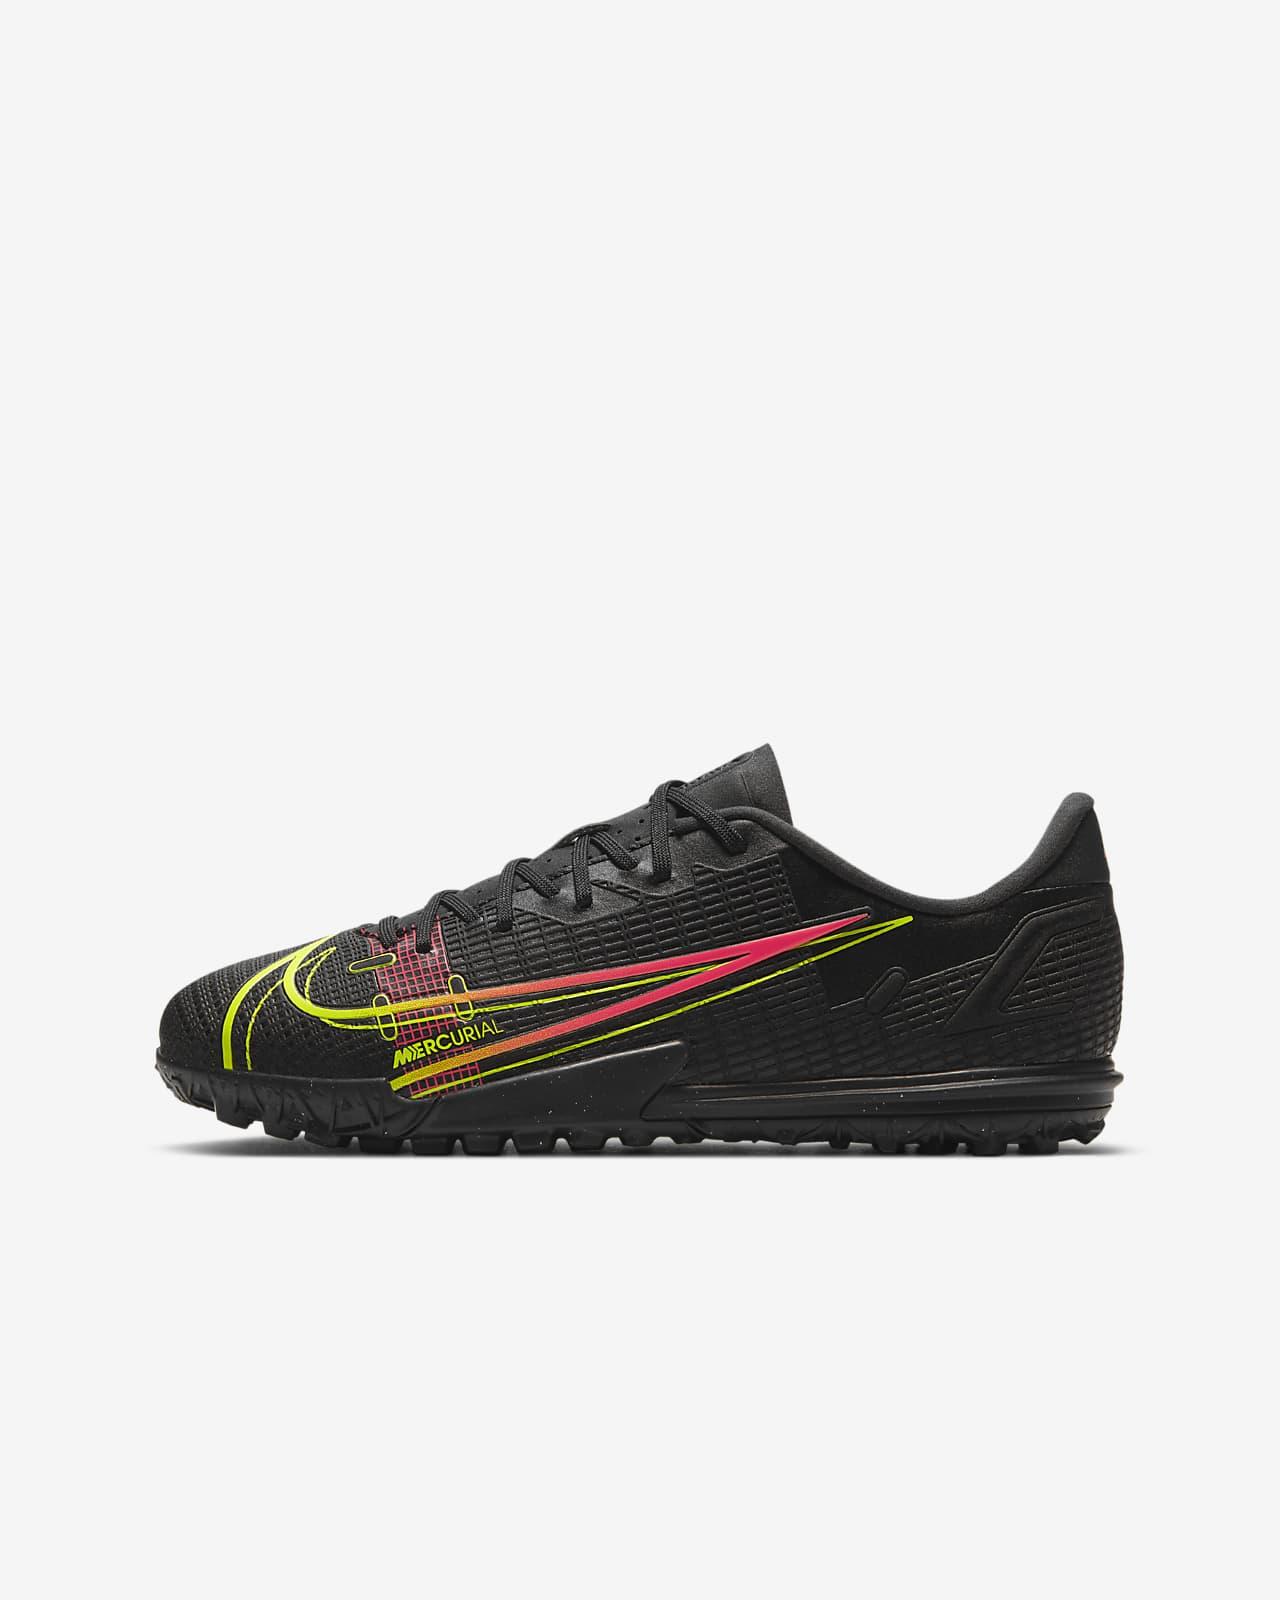 Chaussure de football pour surface synthétique Nike Jr. Mercurial Vapor 14 Academy TF pour Jeune enfant/Enfant plus âgé